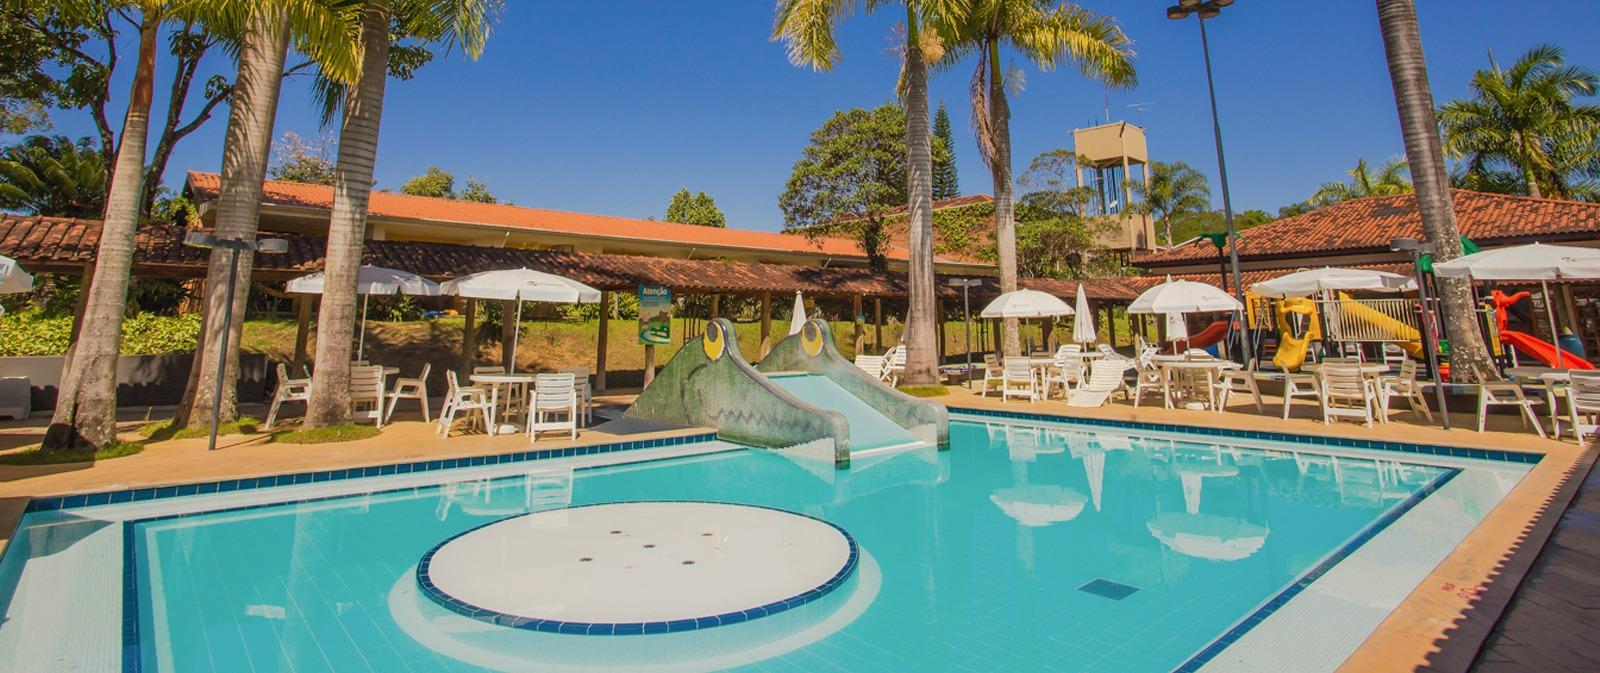 piscina hotel fazenda mazzaropi 02 - Última Semana - Férias Janeiro 2020